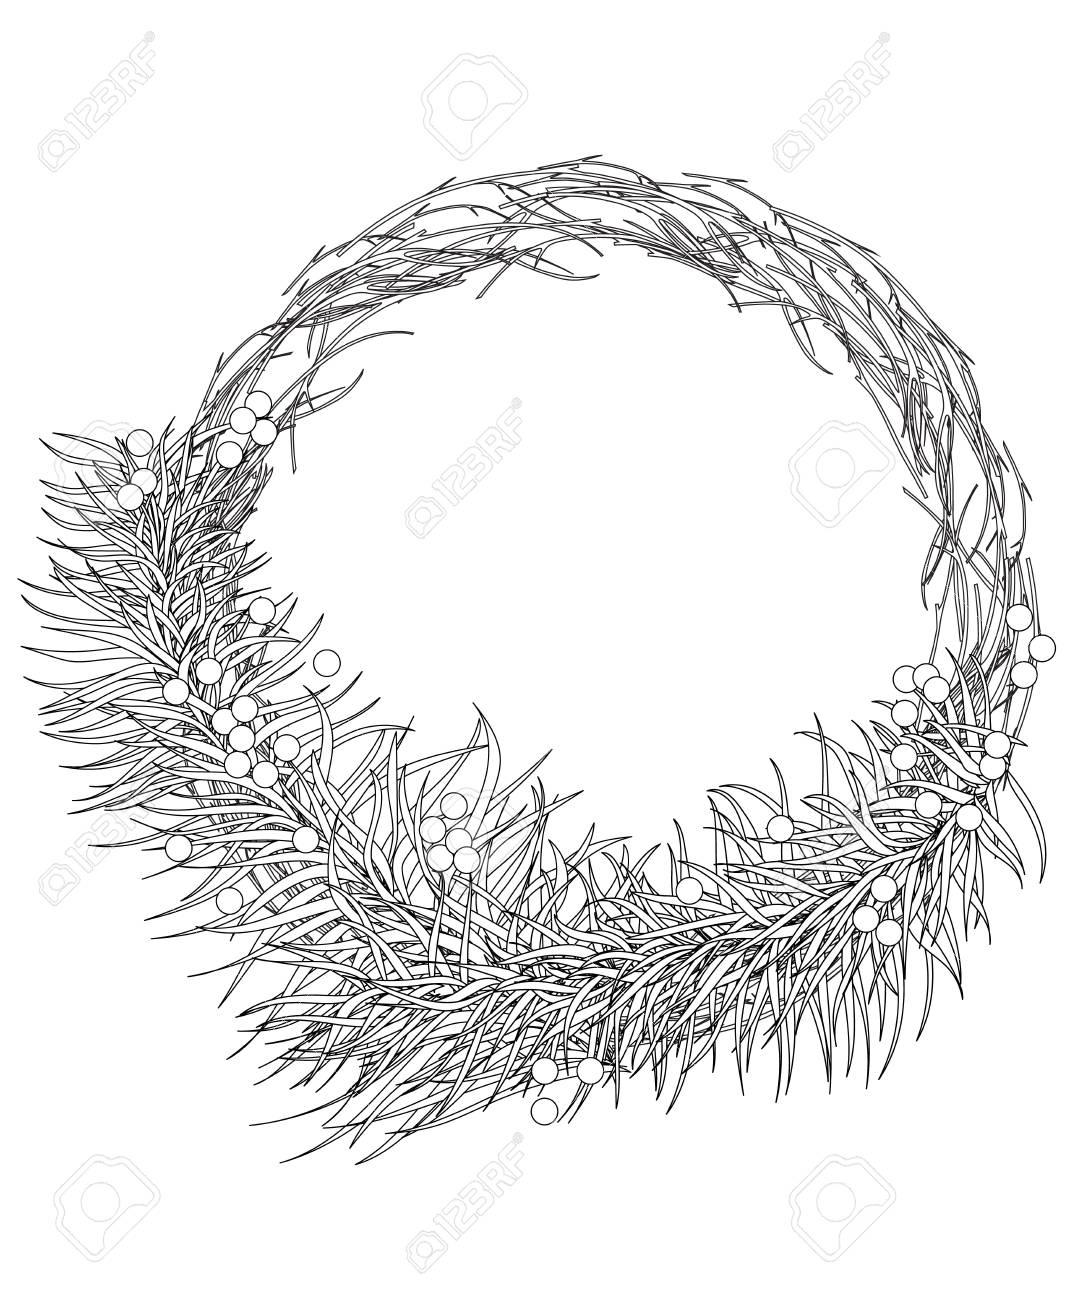 Guirlande De Noël De Branches De Sapin Avec Des Baies Coloriage